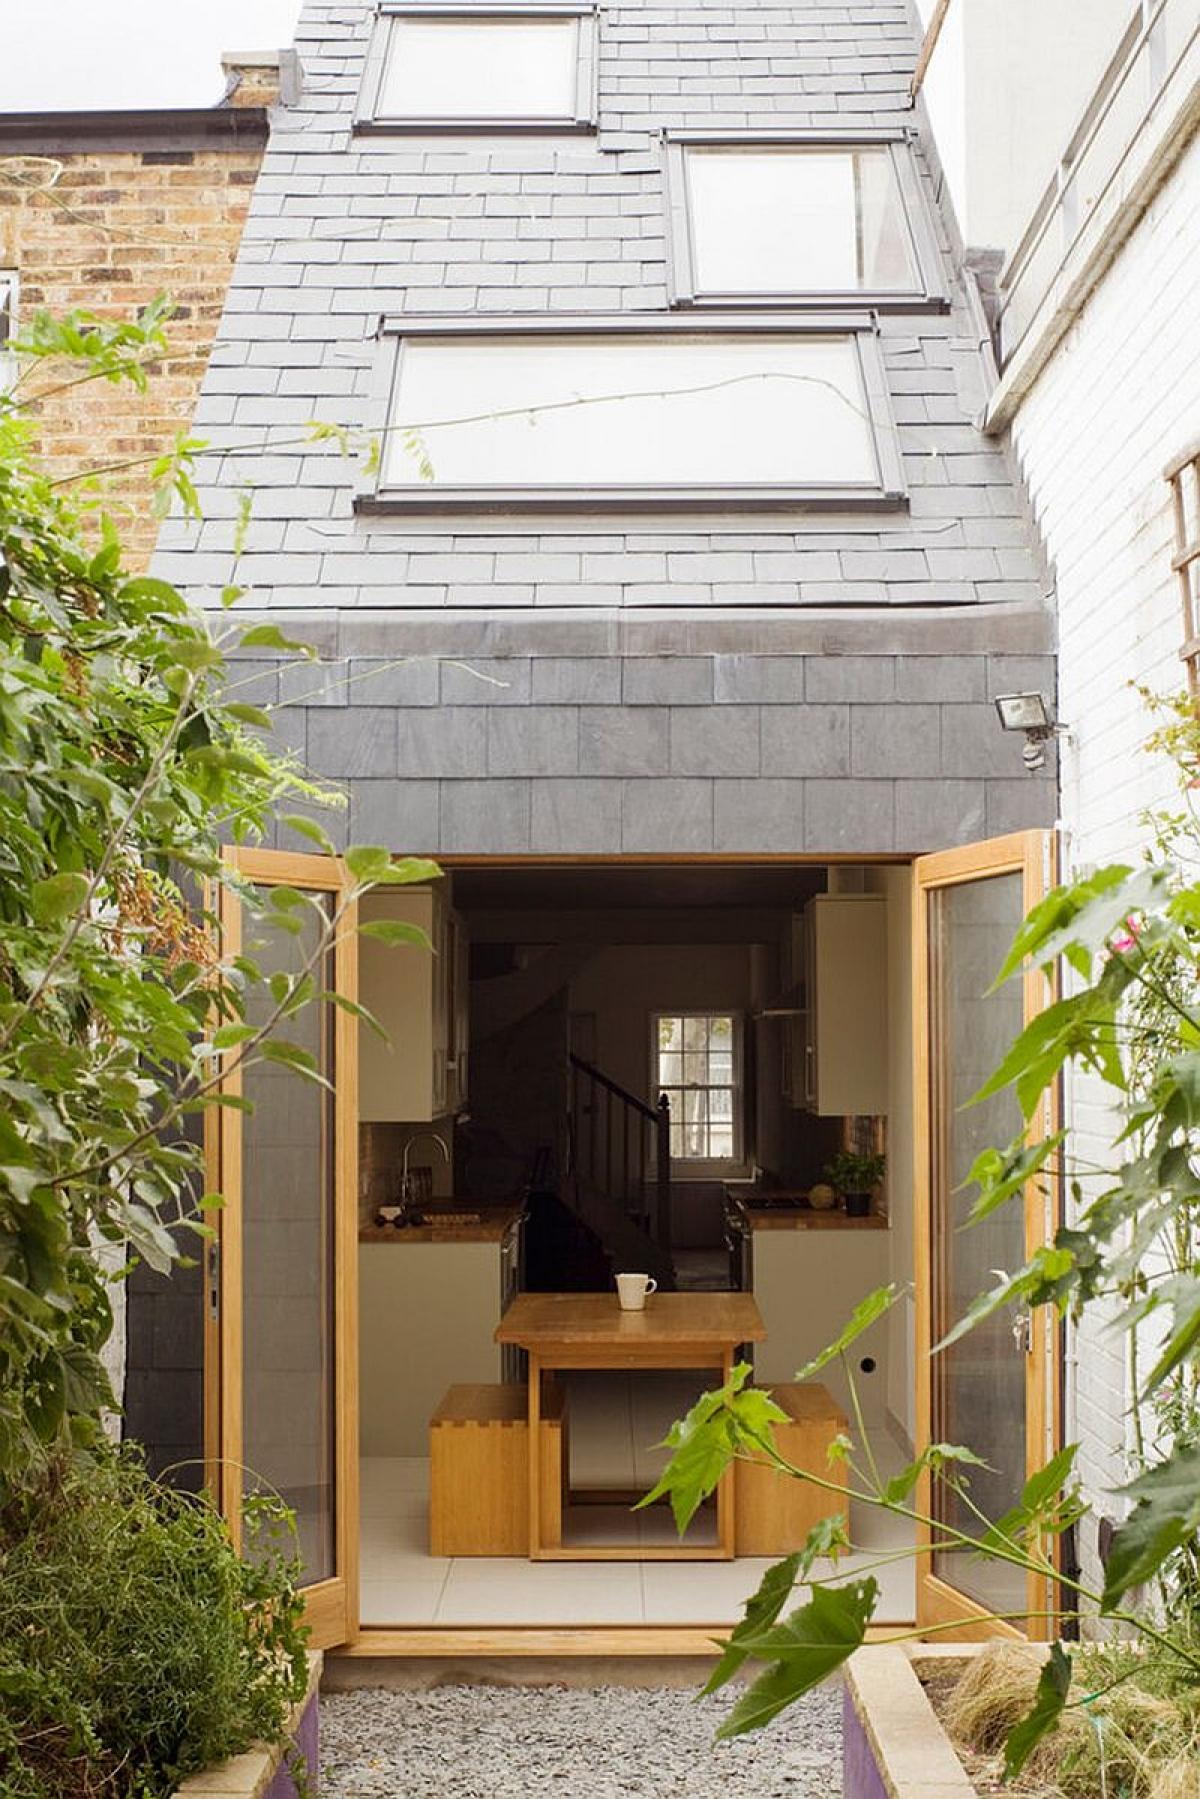 Sống trong một ngôi nhà chật hẹp sẽ mang đến cho bạn một thách thức, nguồn cảm hứng lớn để sáng tạo. Tiêu biểu là kiến trúc ngôi nhà xinh xắn ở London sau đây.